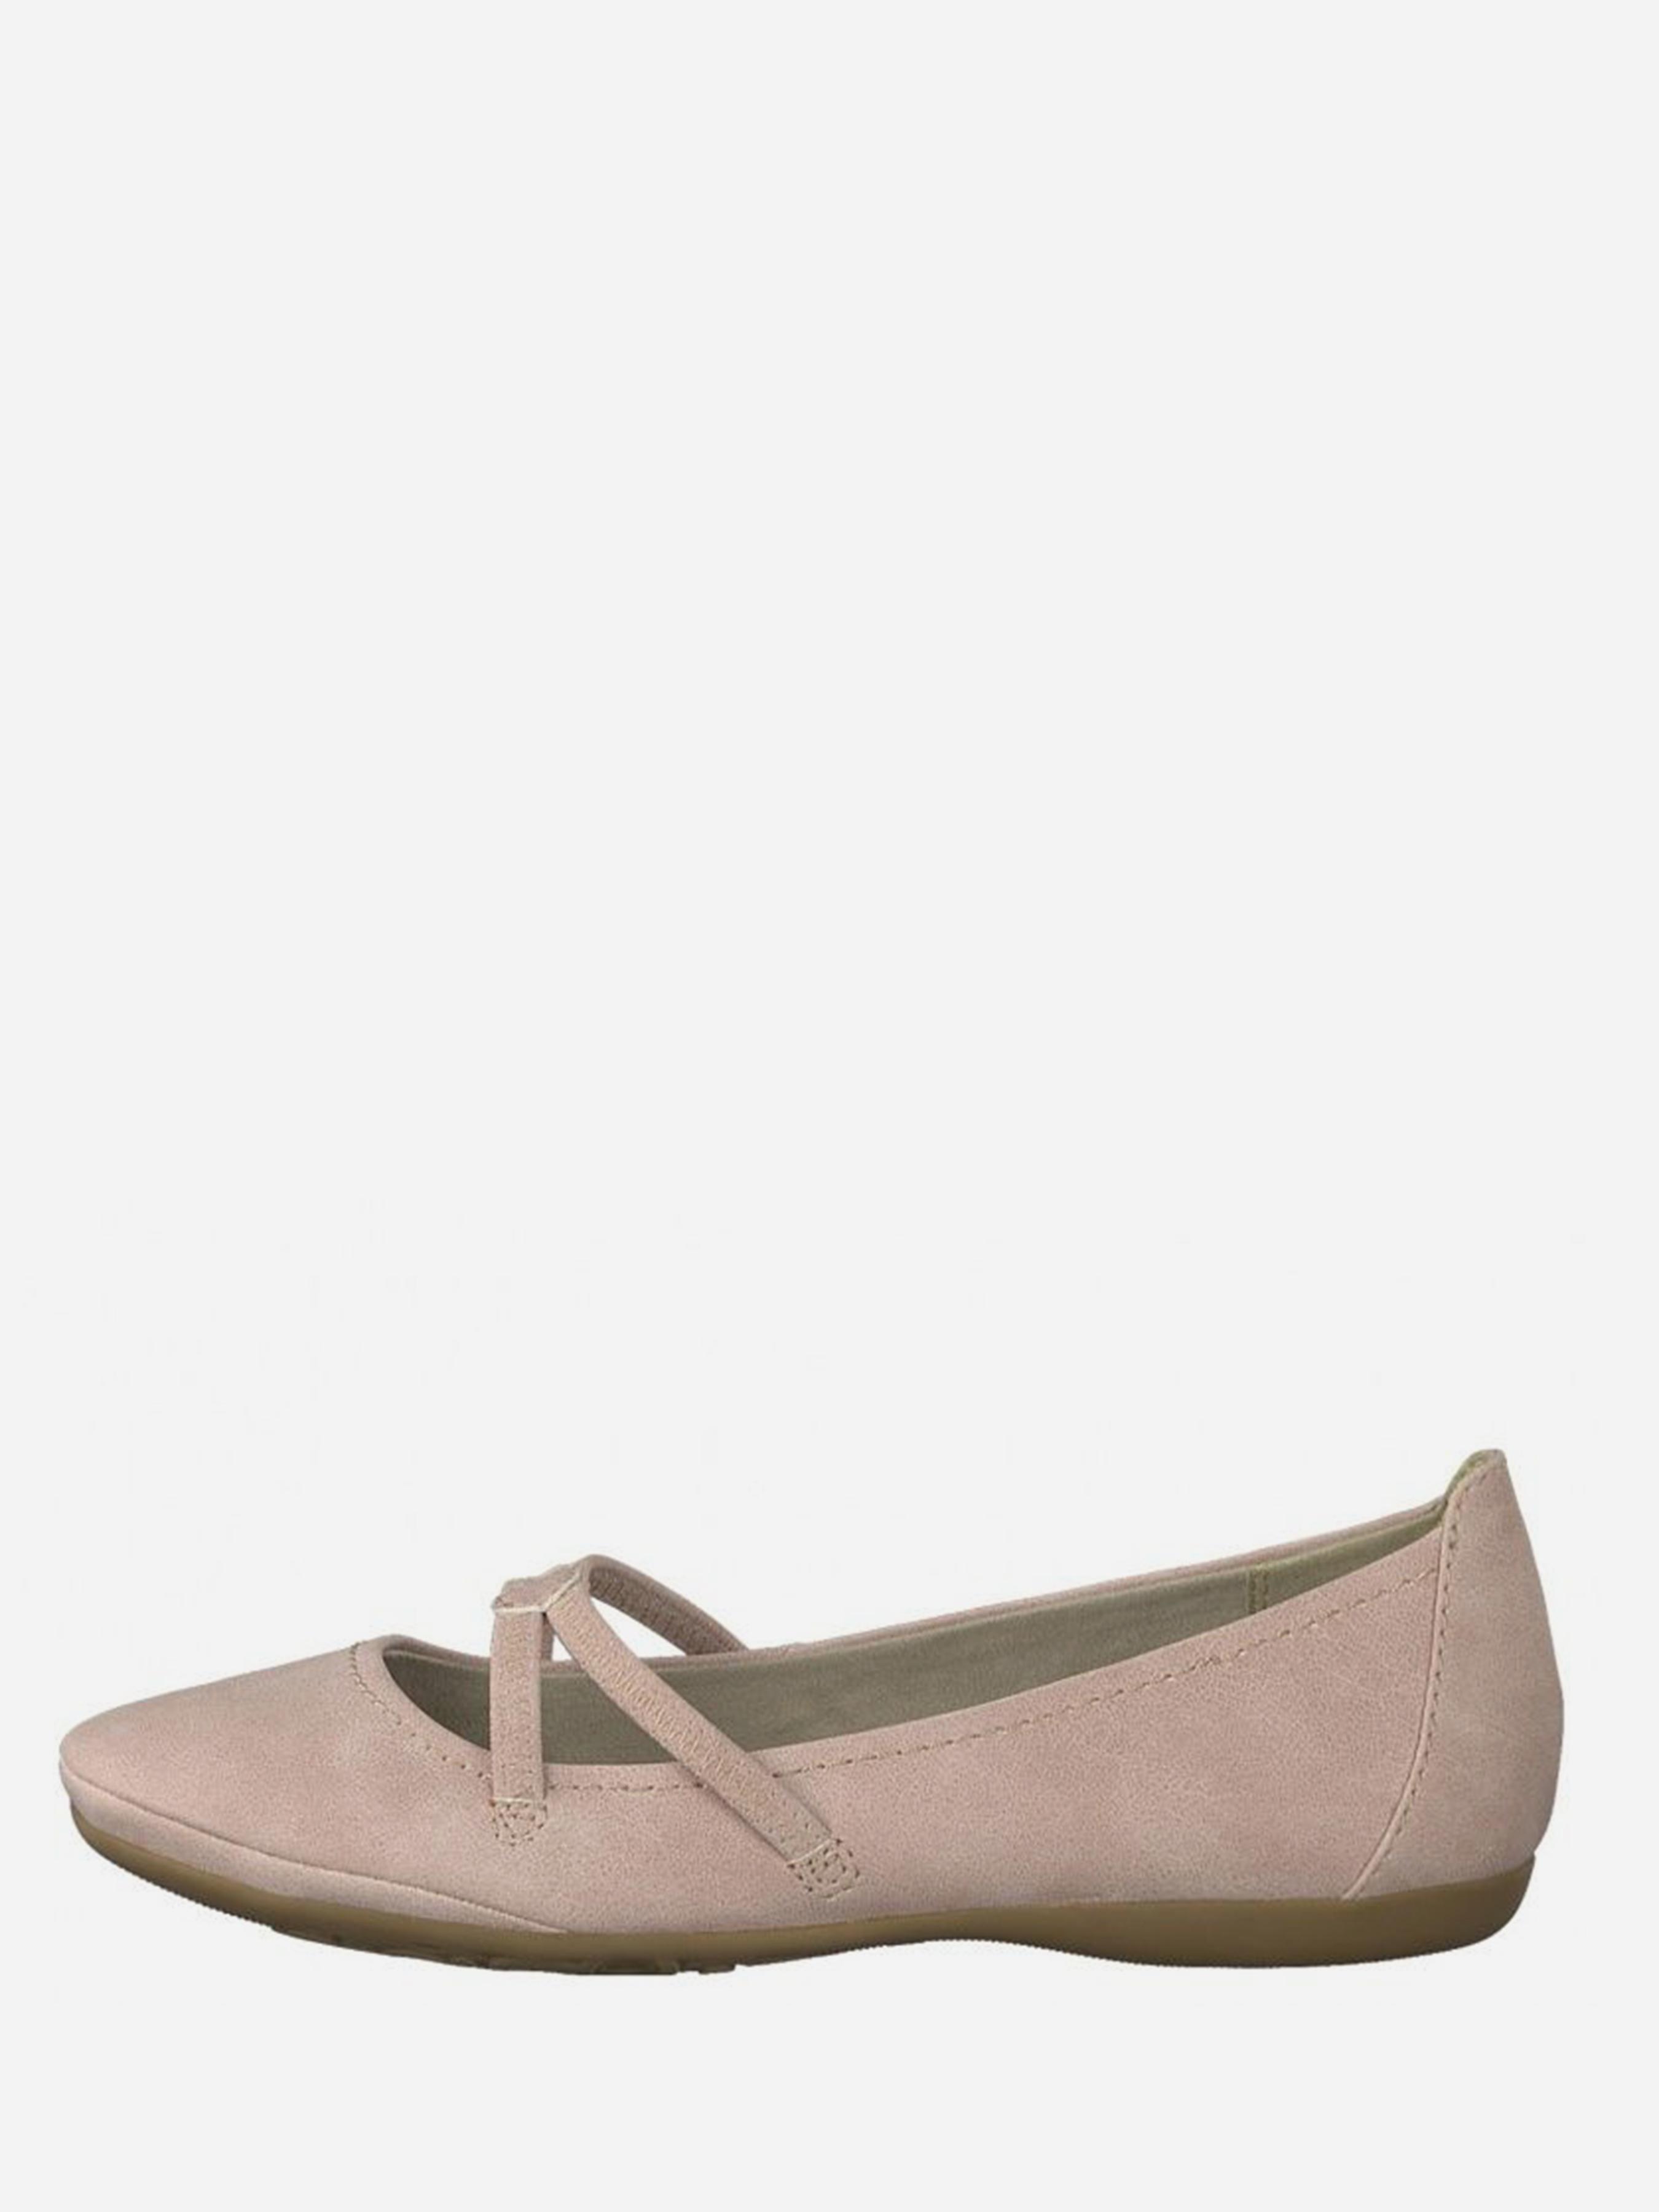 Балетки для женщин Tamaris IS521 размерная сетка обуви, 2017